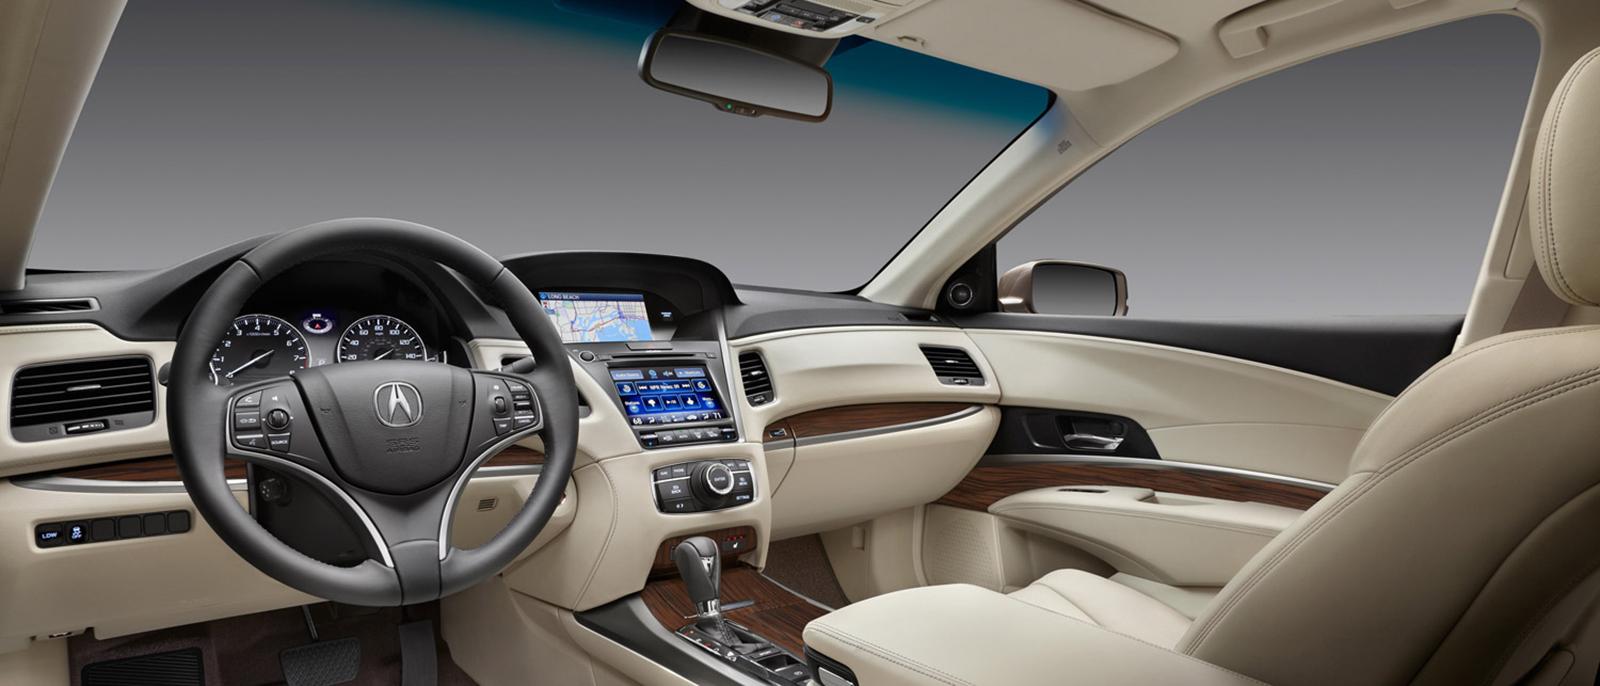 Acura Mdx 2017 Interior Pictures Decoratingspecial Com